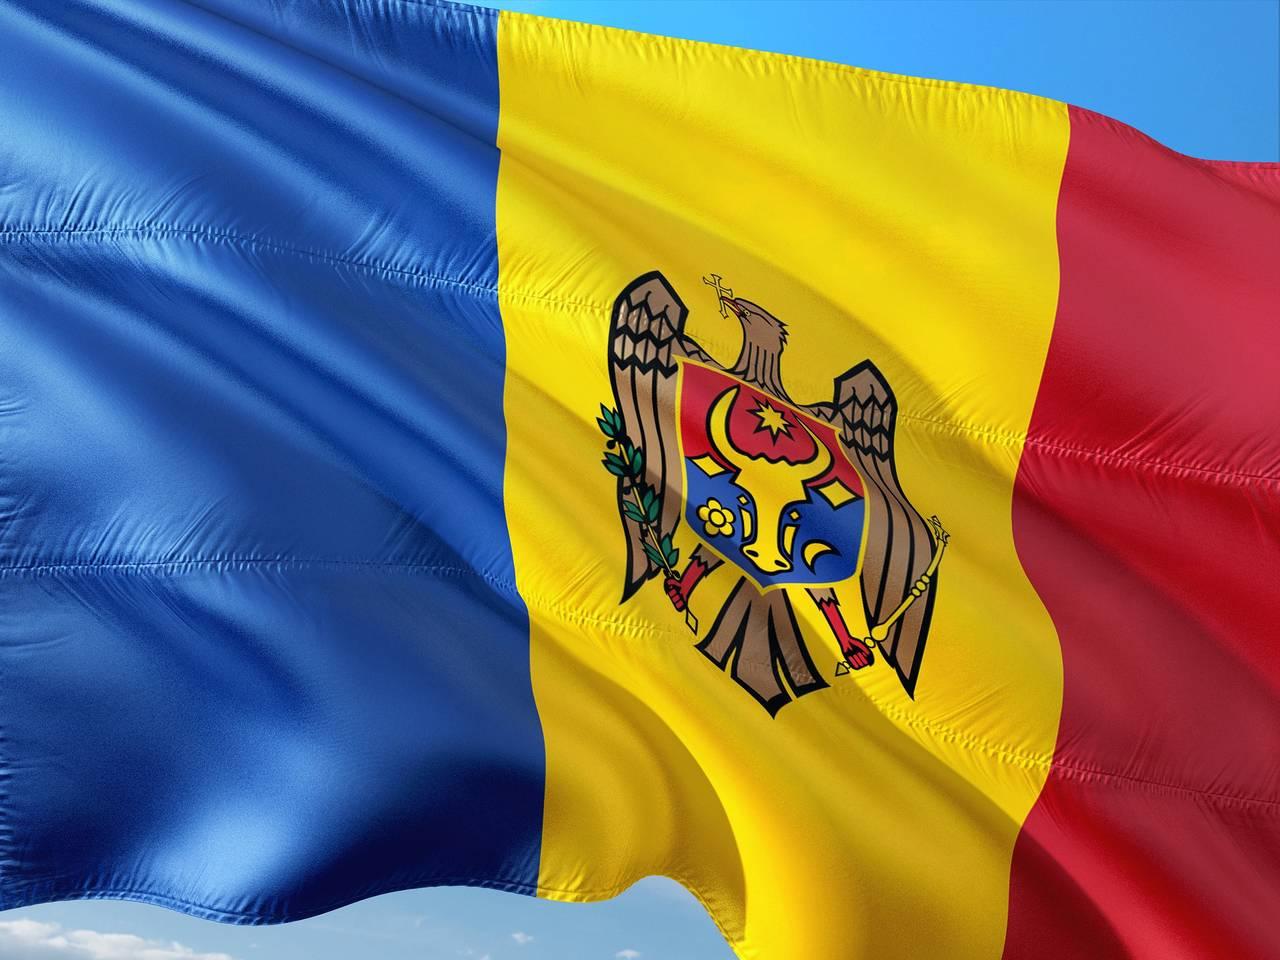 На 11 июля 2021 года в Республике Молдова намечено проведение досрочных парламентских выборов. Фото: pixabay.com